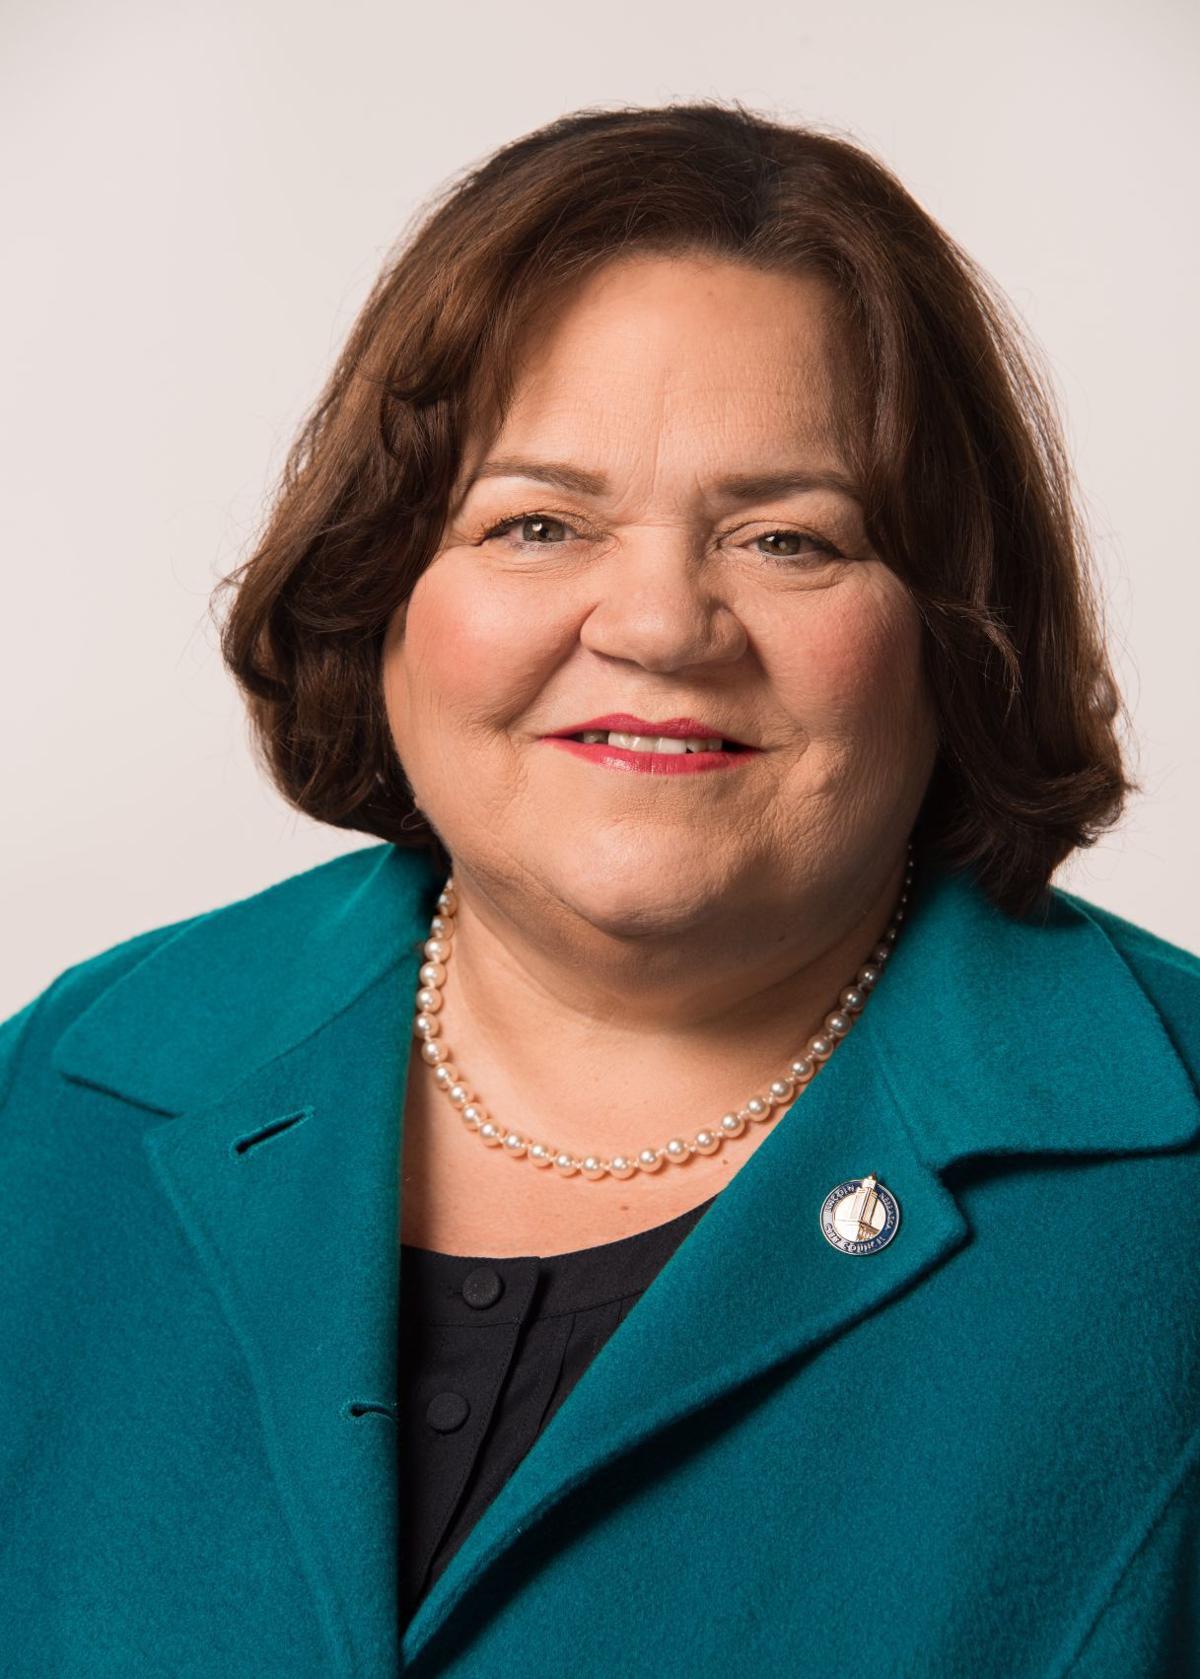 Cyndi Lamm